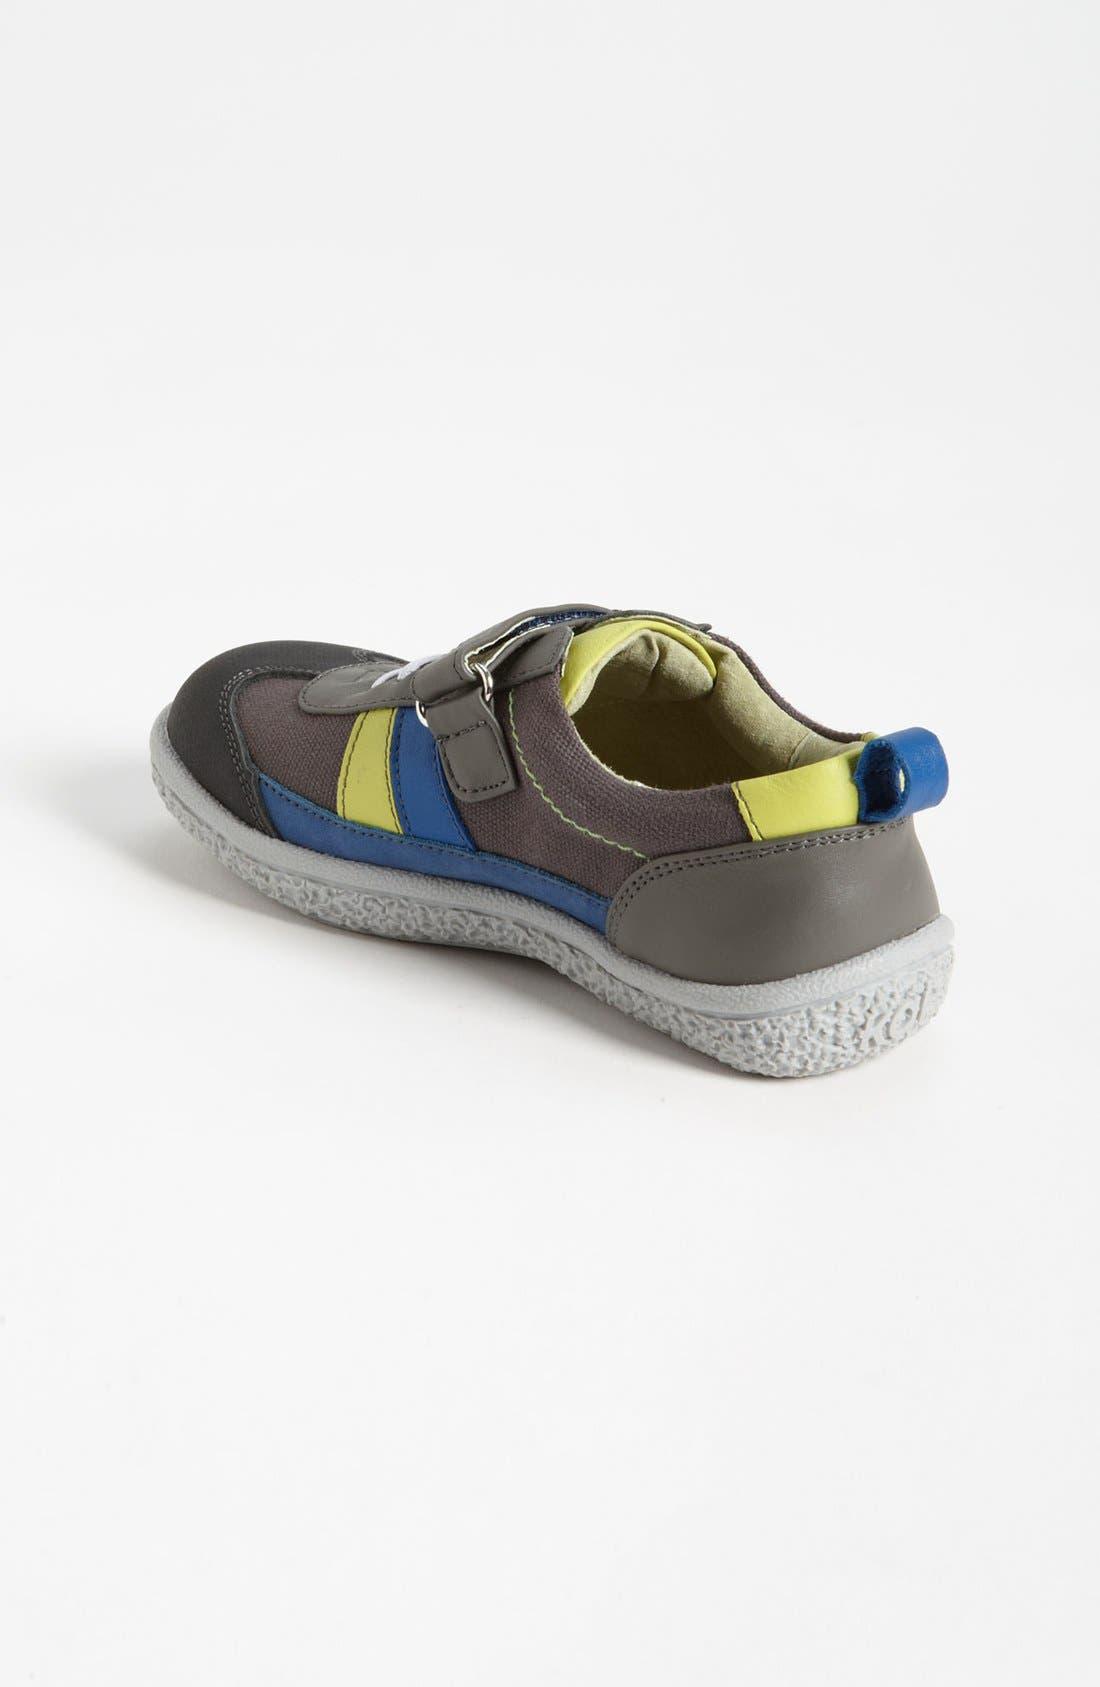 Alternate Image 2  - See Kai Run 'Enzo' Sneaker (Toddler & Little Kid)